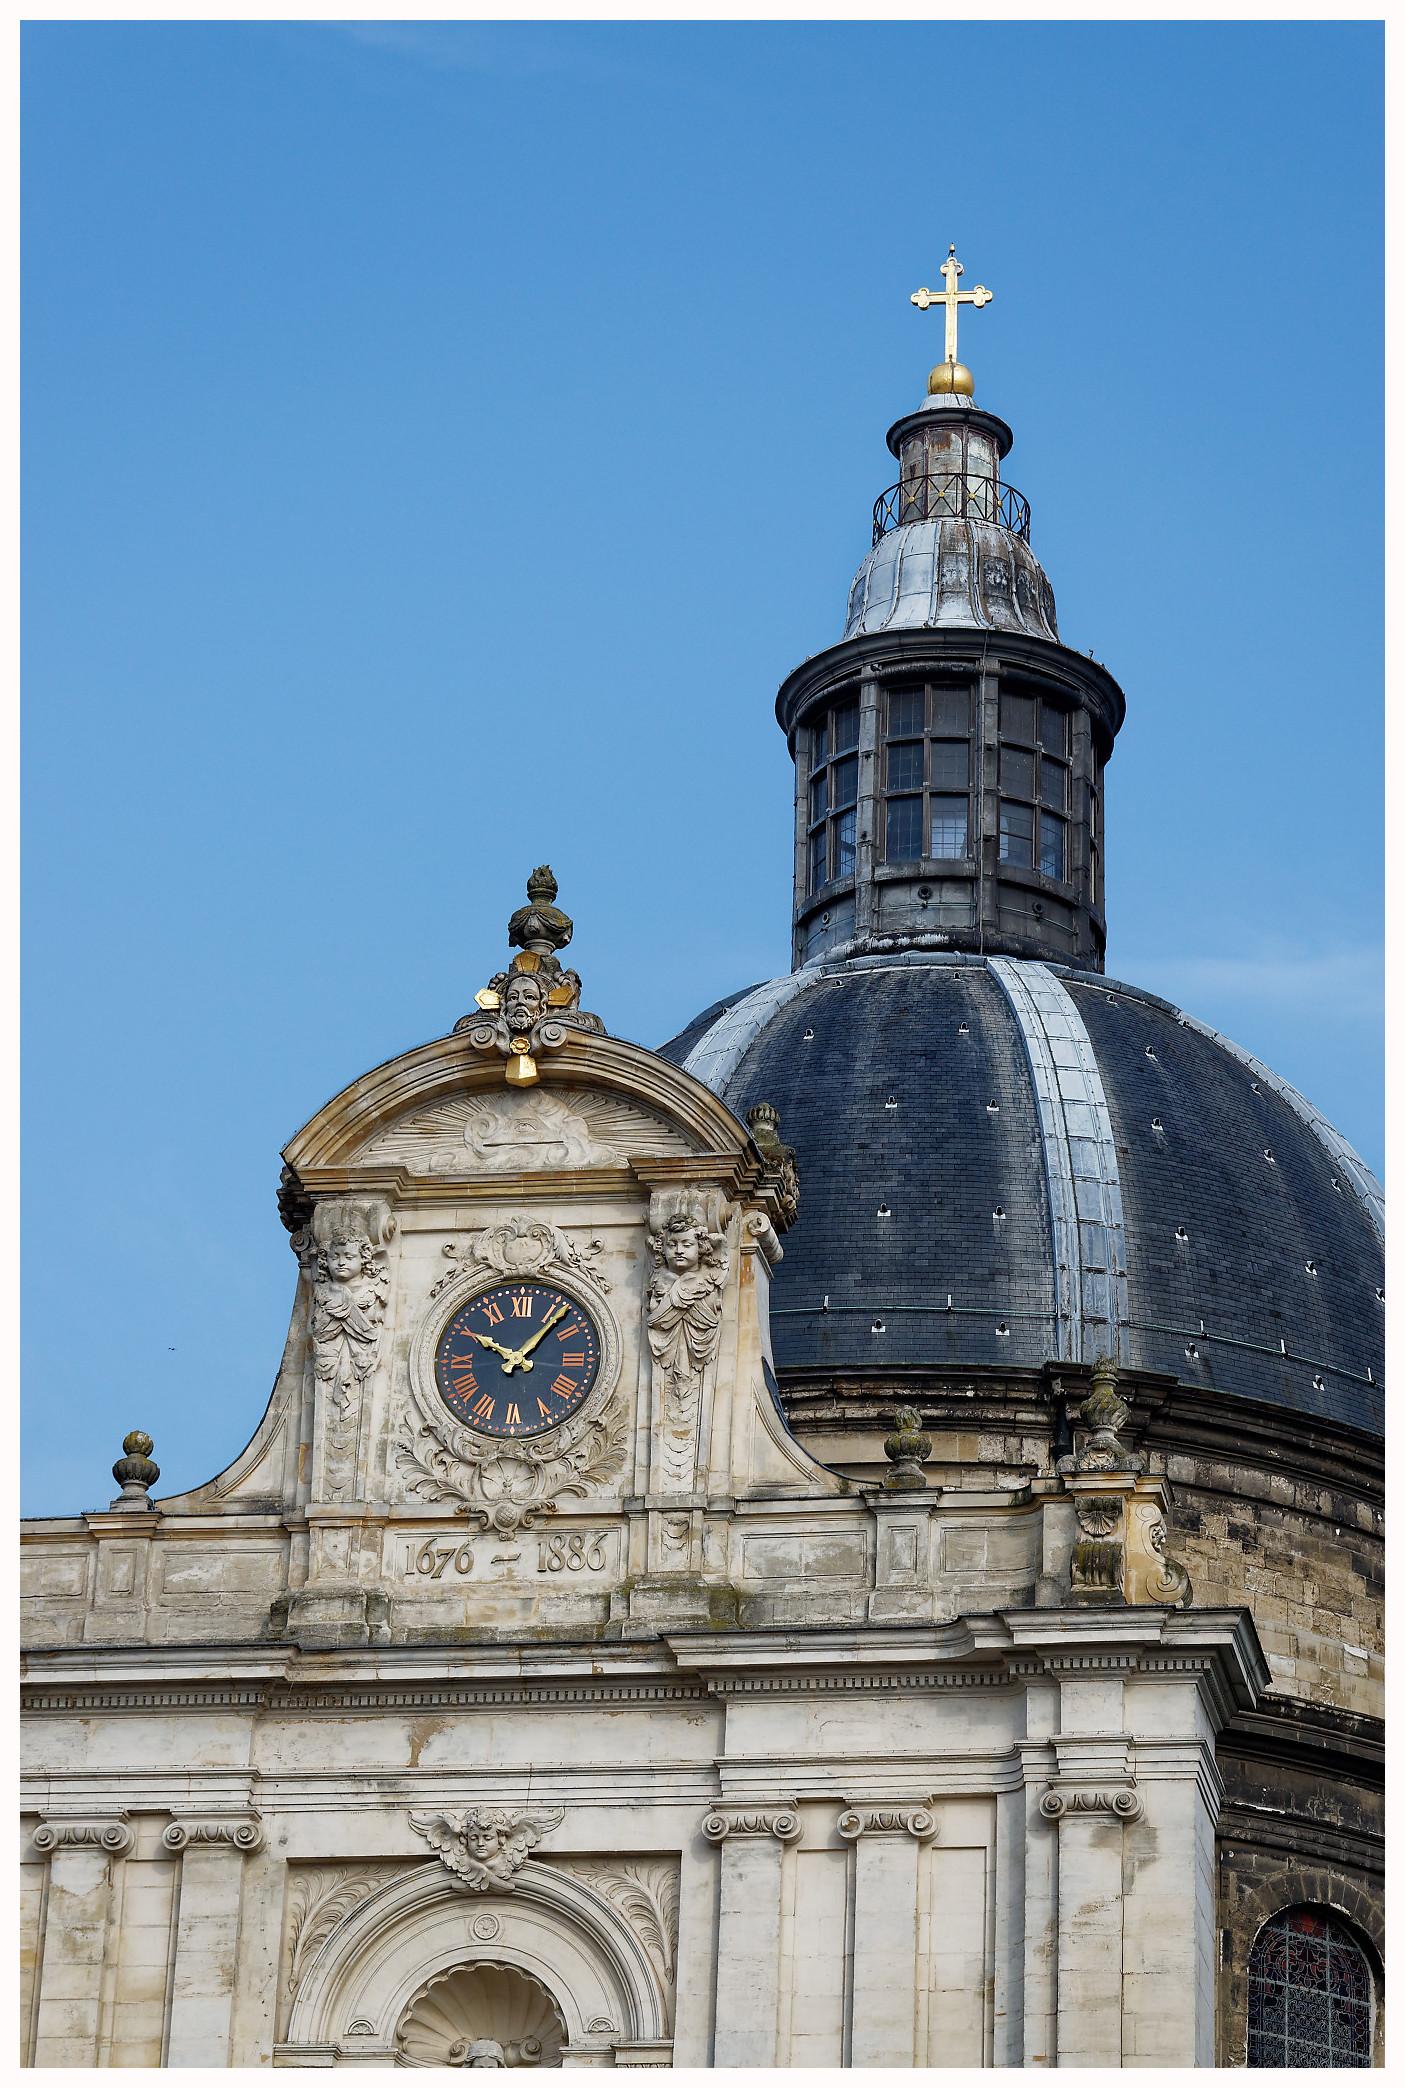 Eglise Sainte-Marie-Madeleine à Lille: un lieu d'expositions artistiques pour Lille 3000